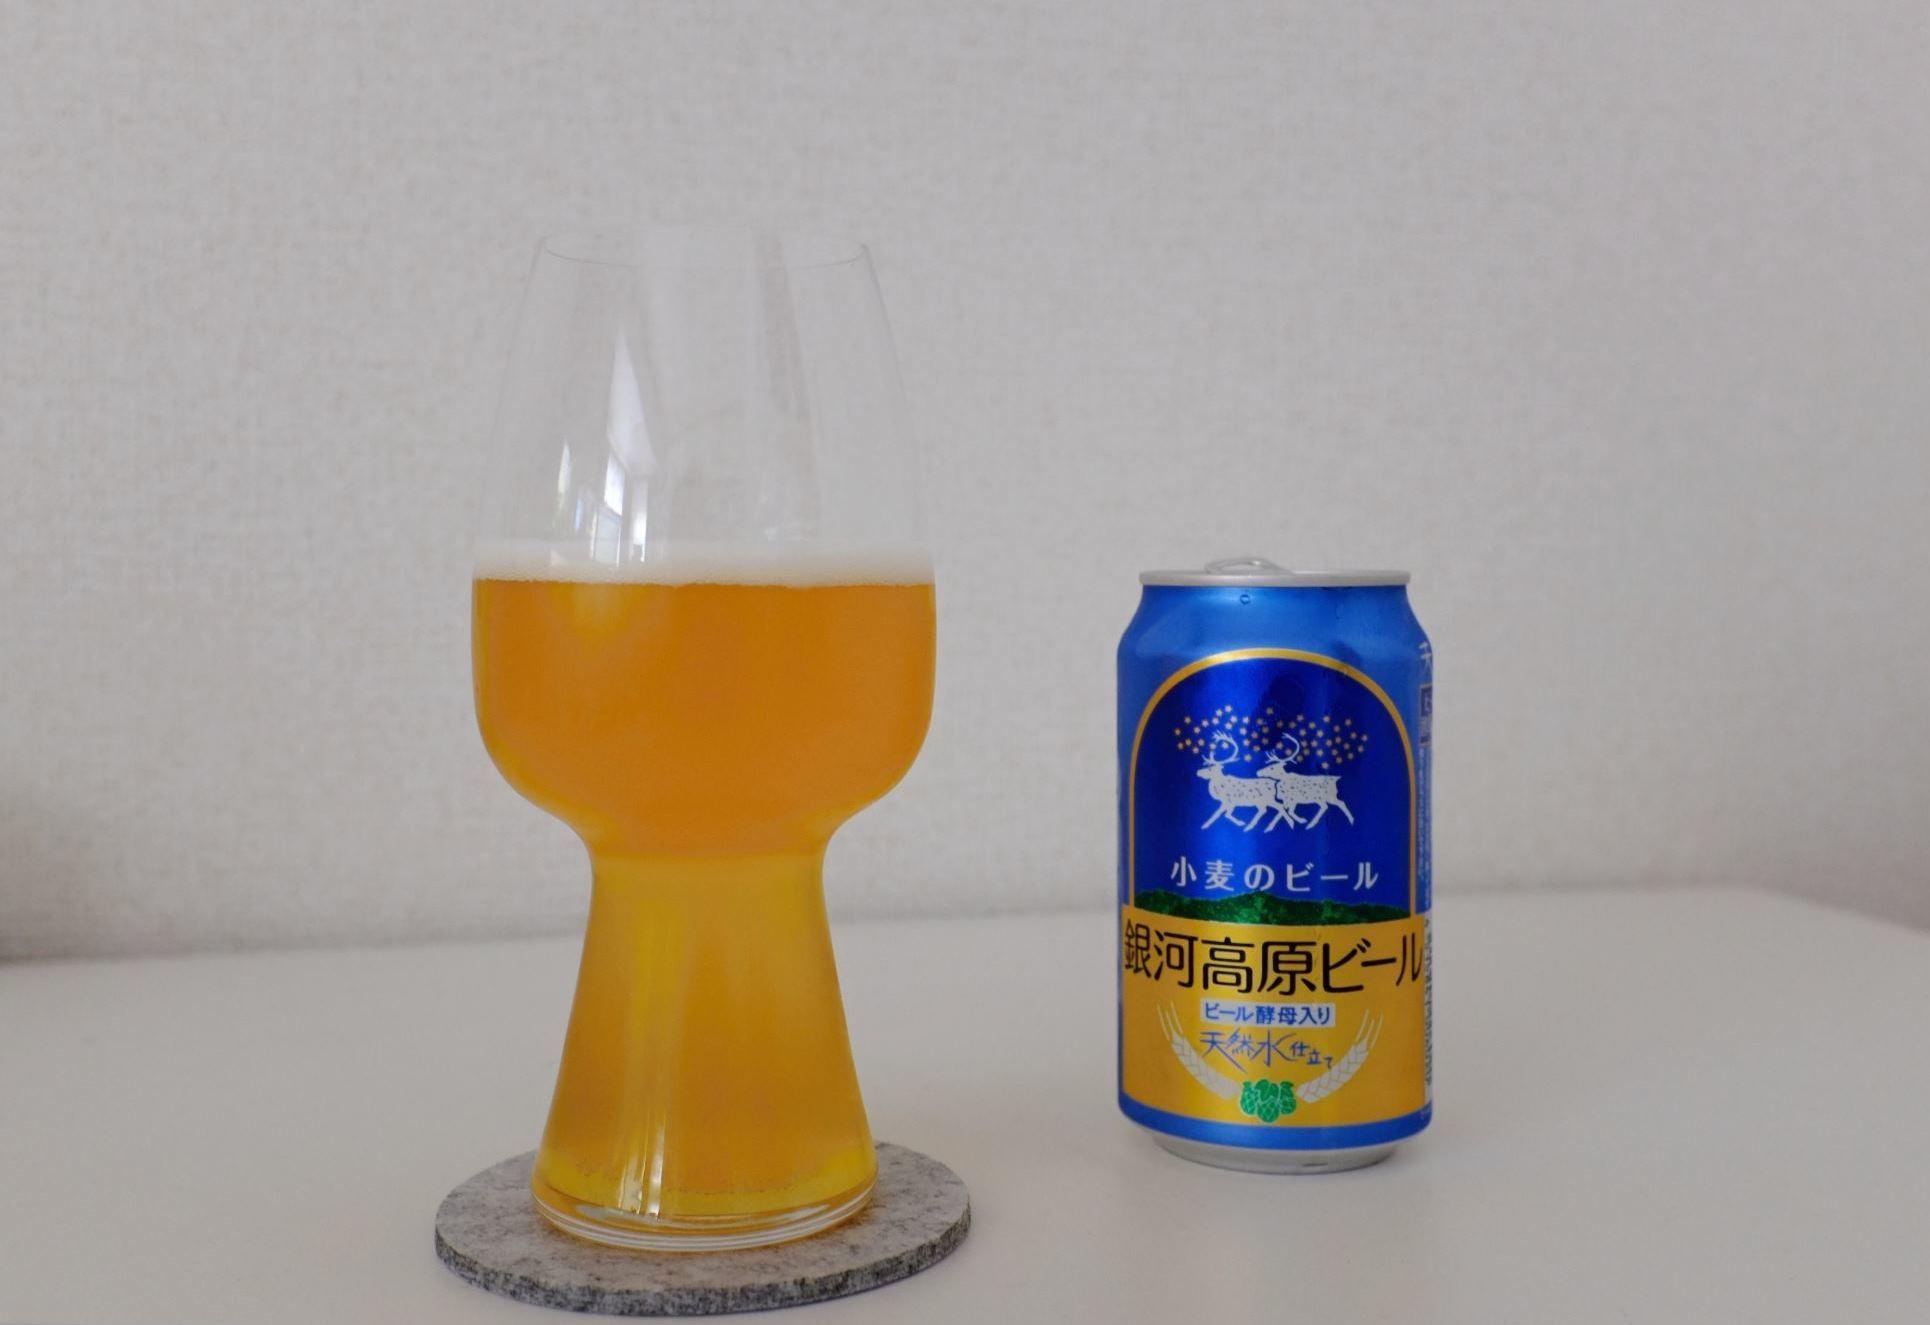 銀河高原ビール 小麦のビール_d0233770_20264836.jpg